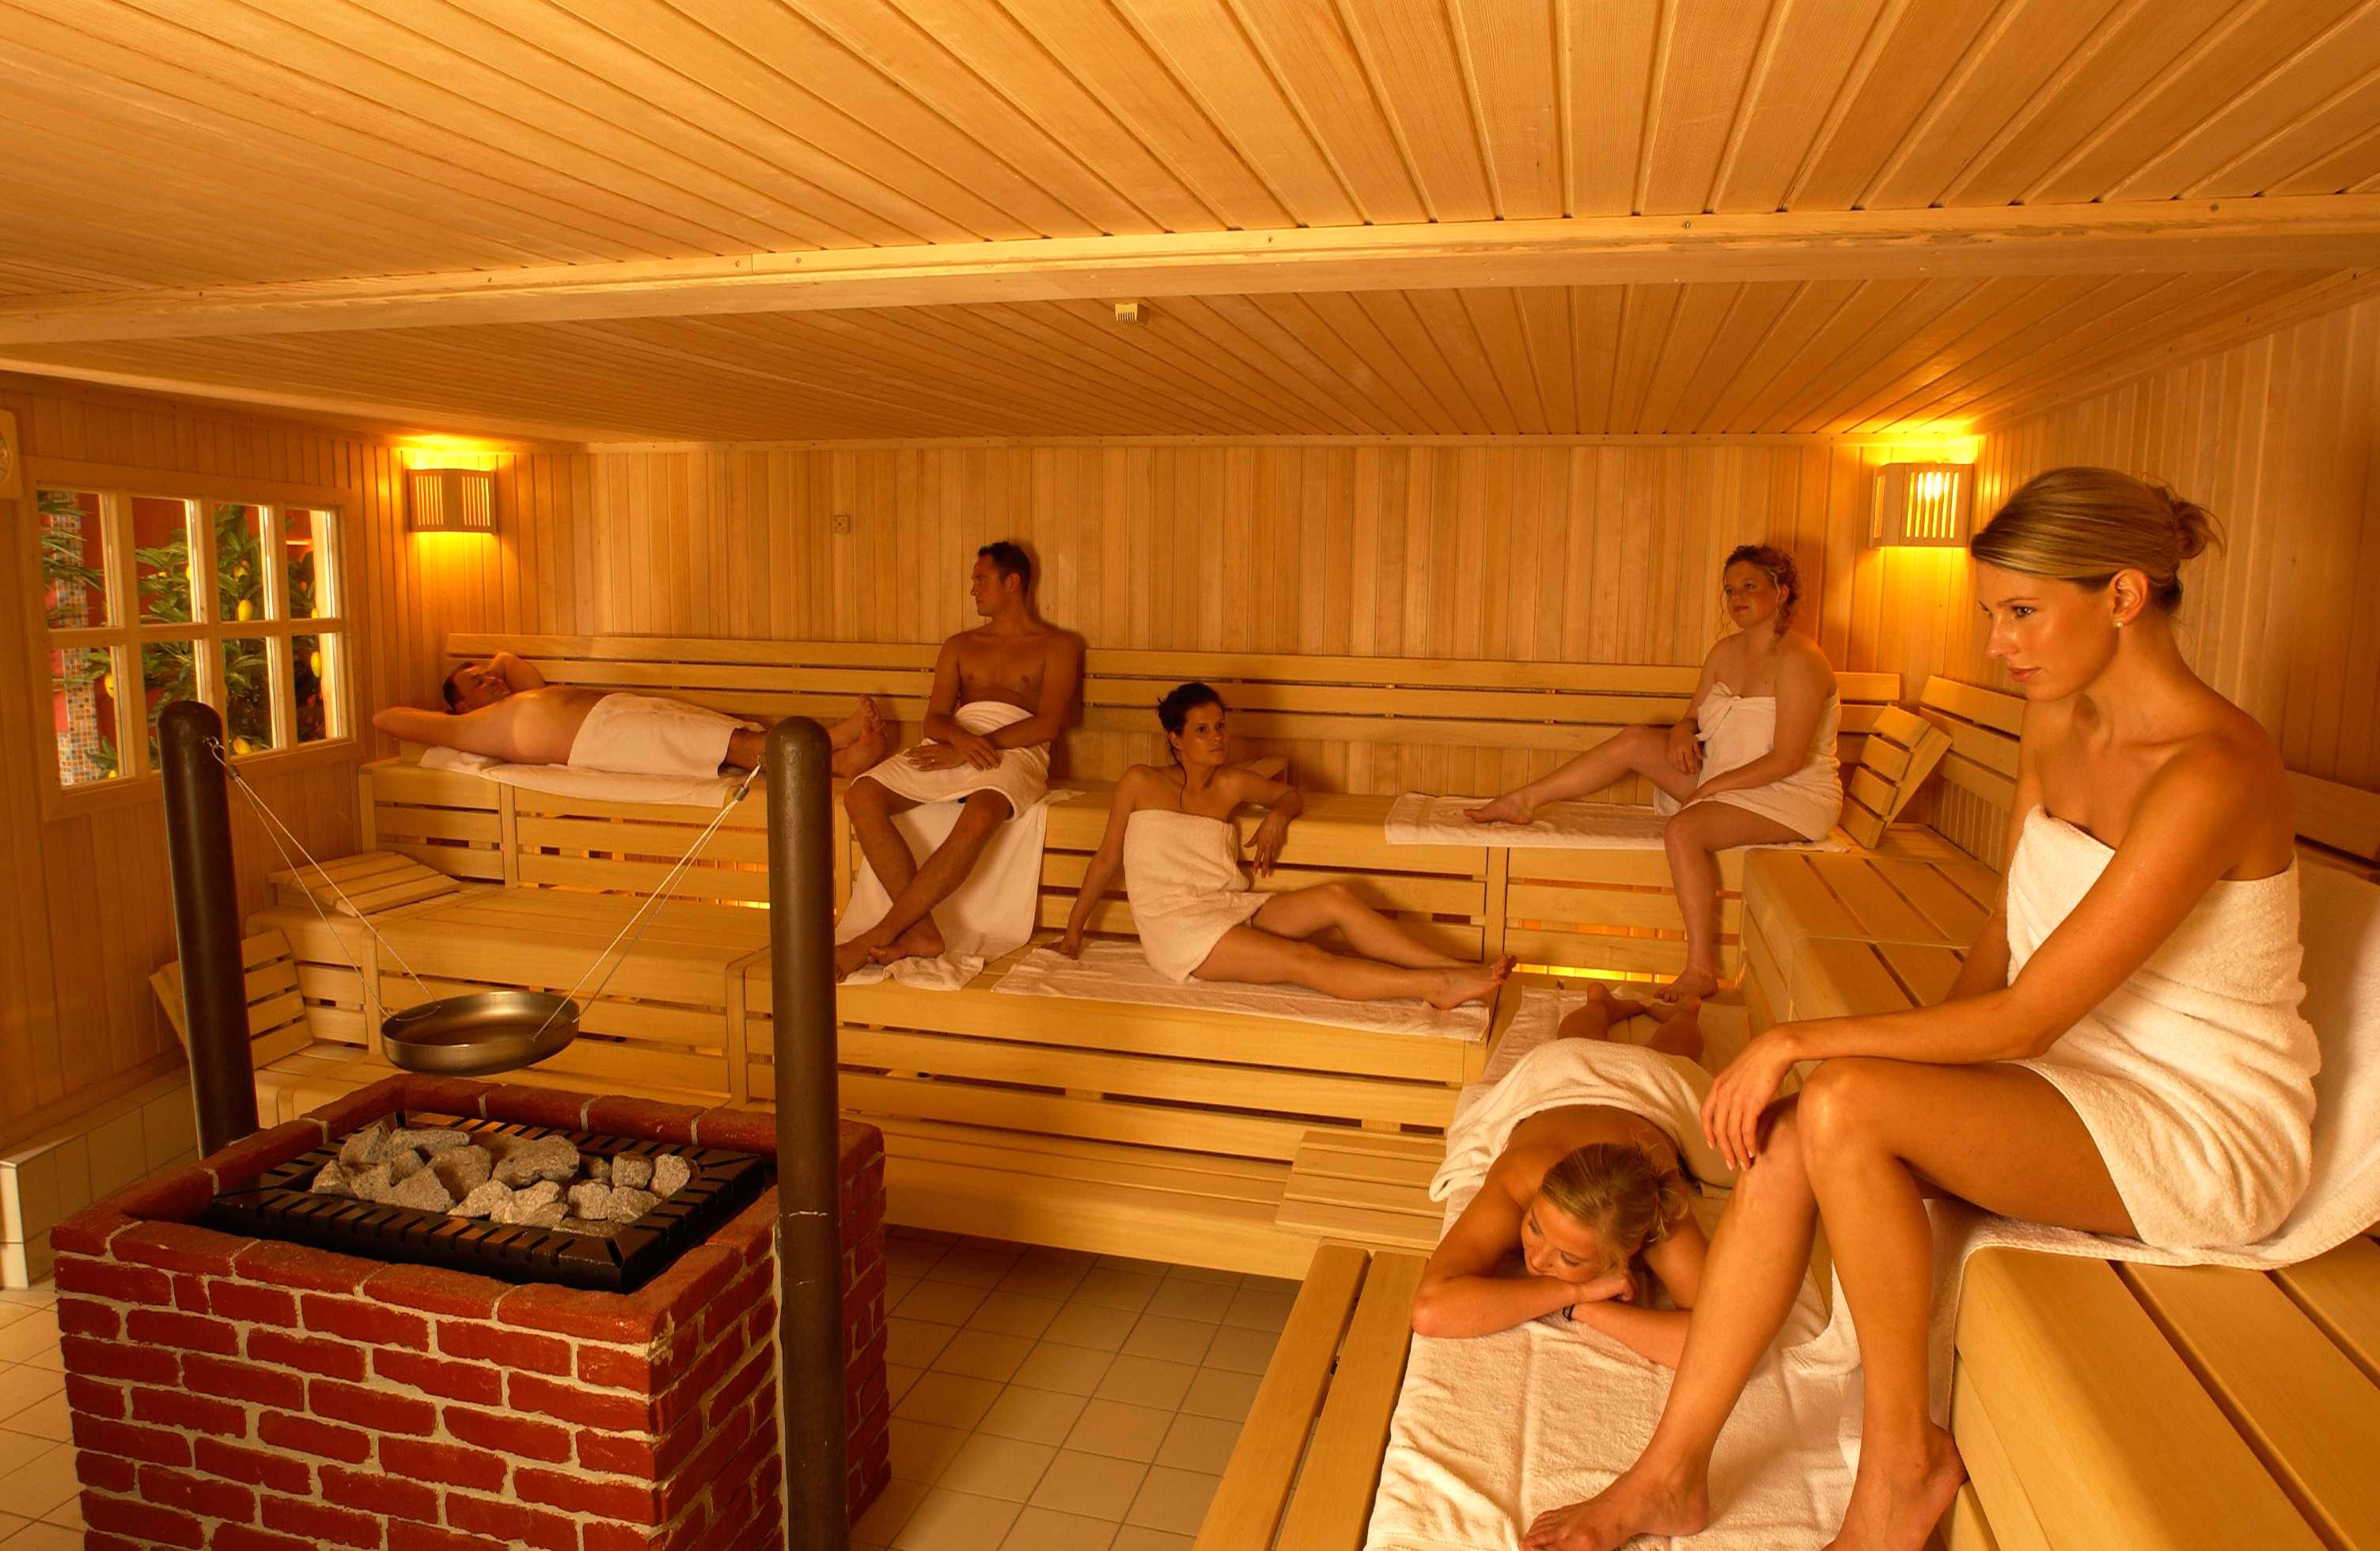 Финской баней можно не только наслаждаться, но и похмеляться